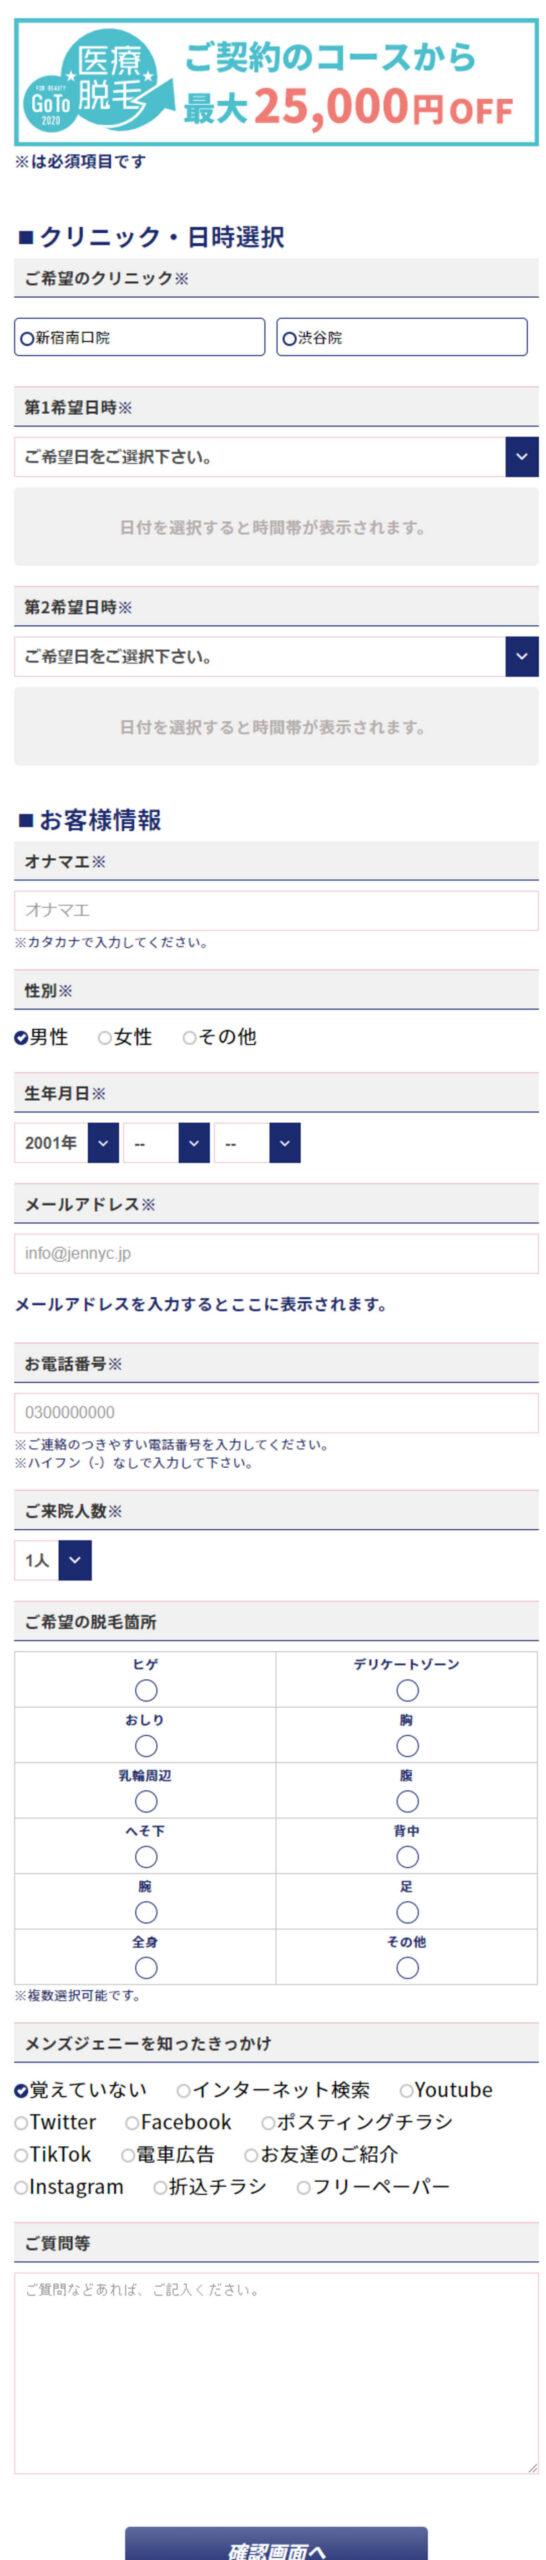 jennyc.jp_men_reserve__xuid=xuidx775c827078x221&siteid=324&link=249&_buyer=225&psalm_xuid=225,0,94,xuidx775c827078x221 (1) (1)